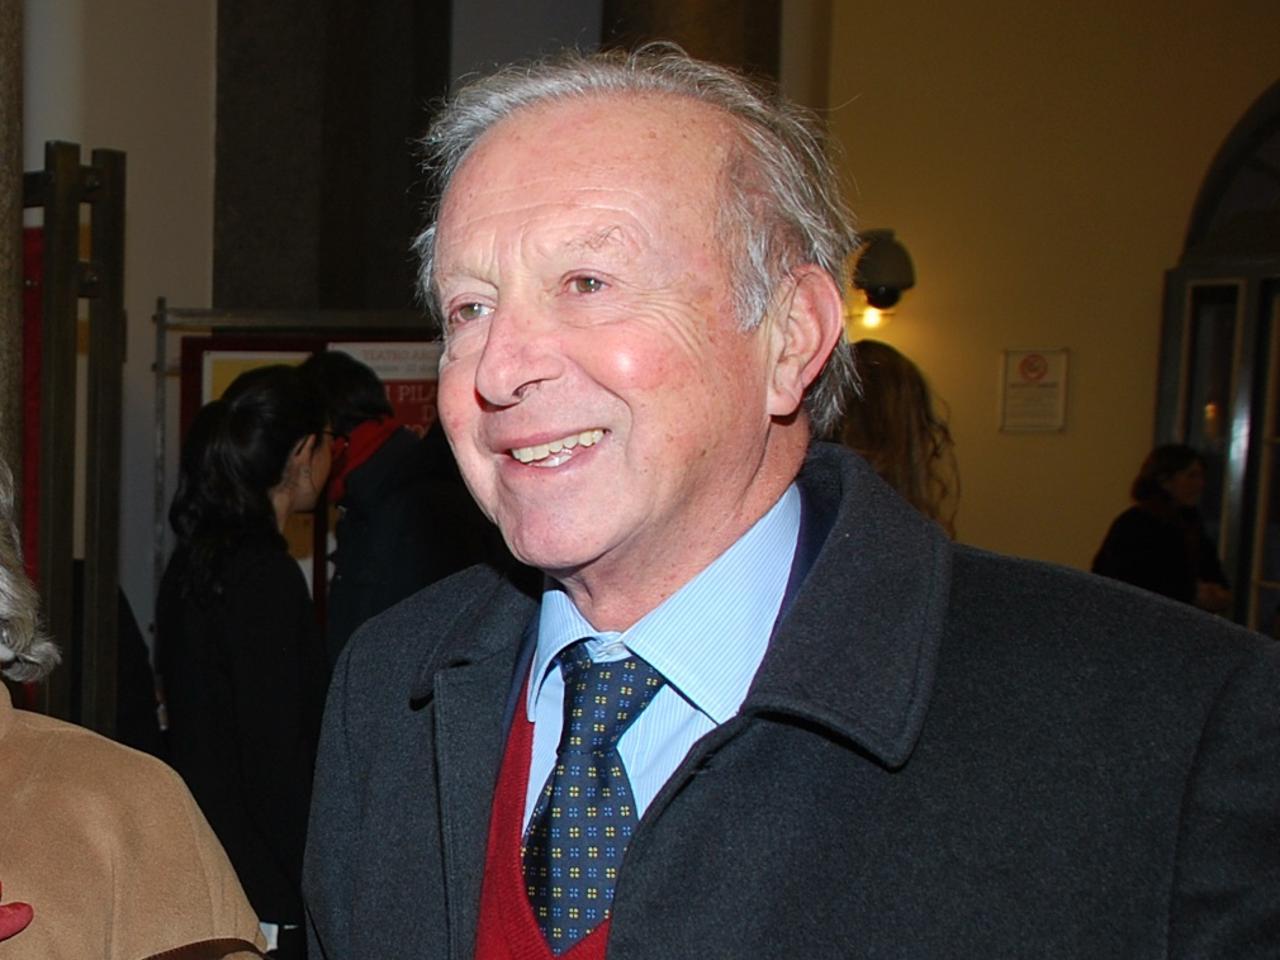 Mario Segni avverte, se a referendum vince il no torniamo indietro 30 anni